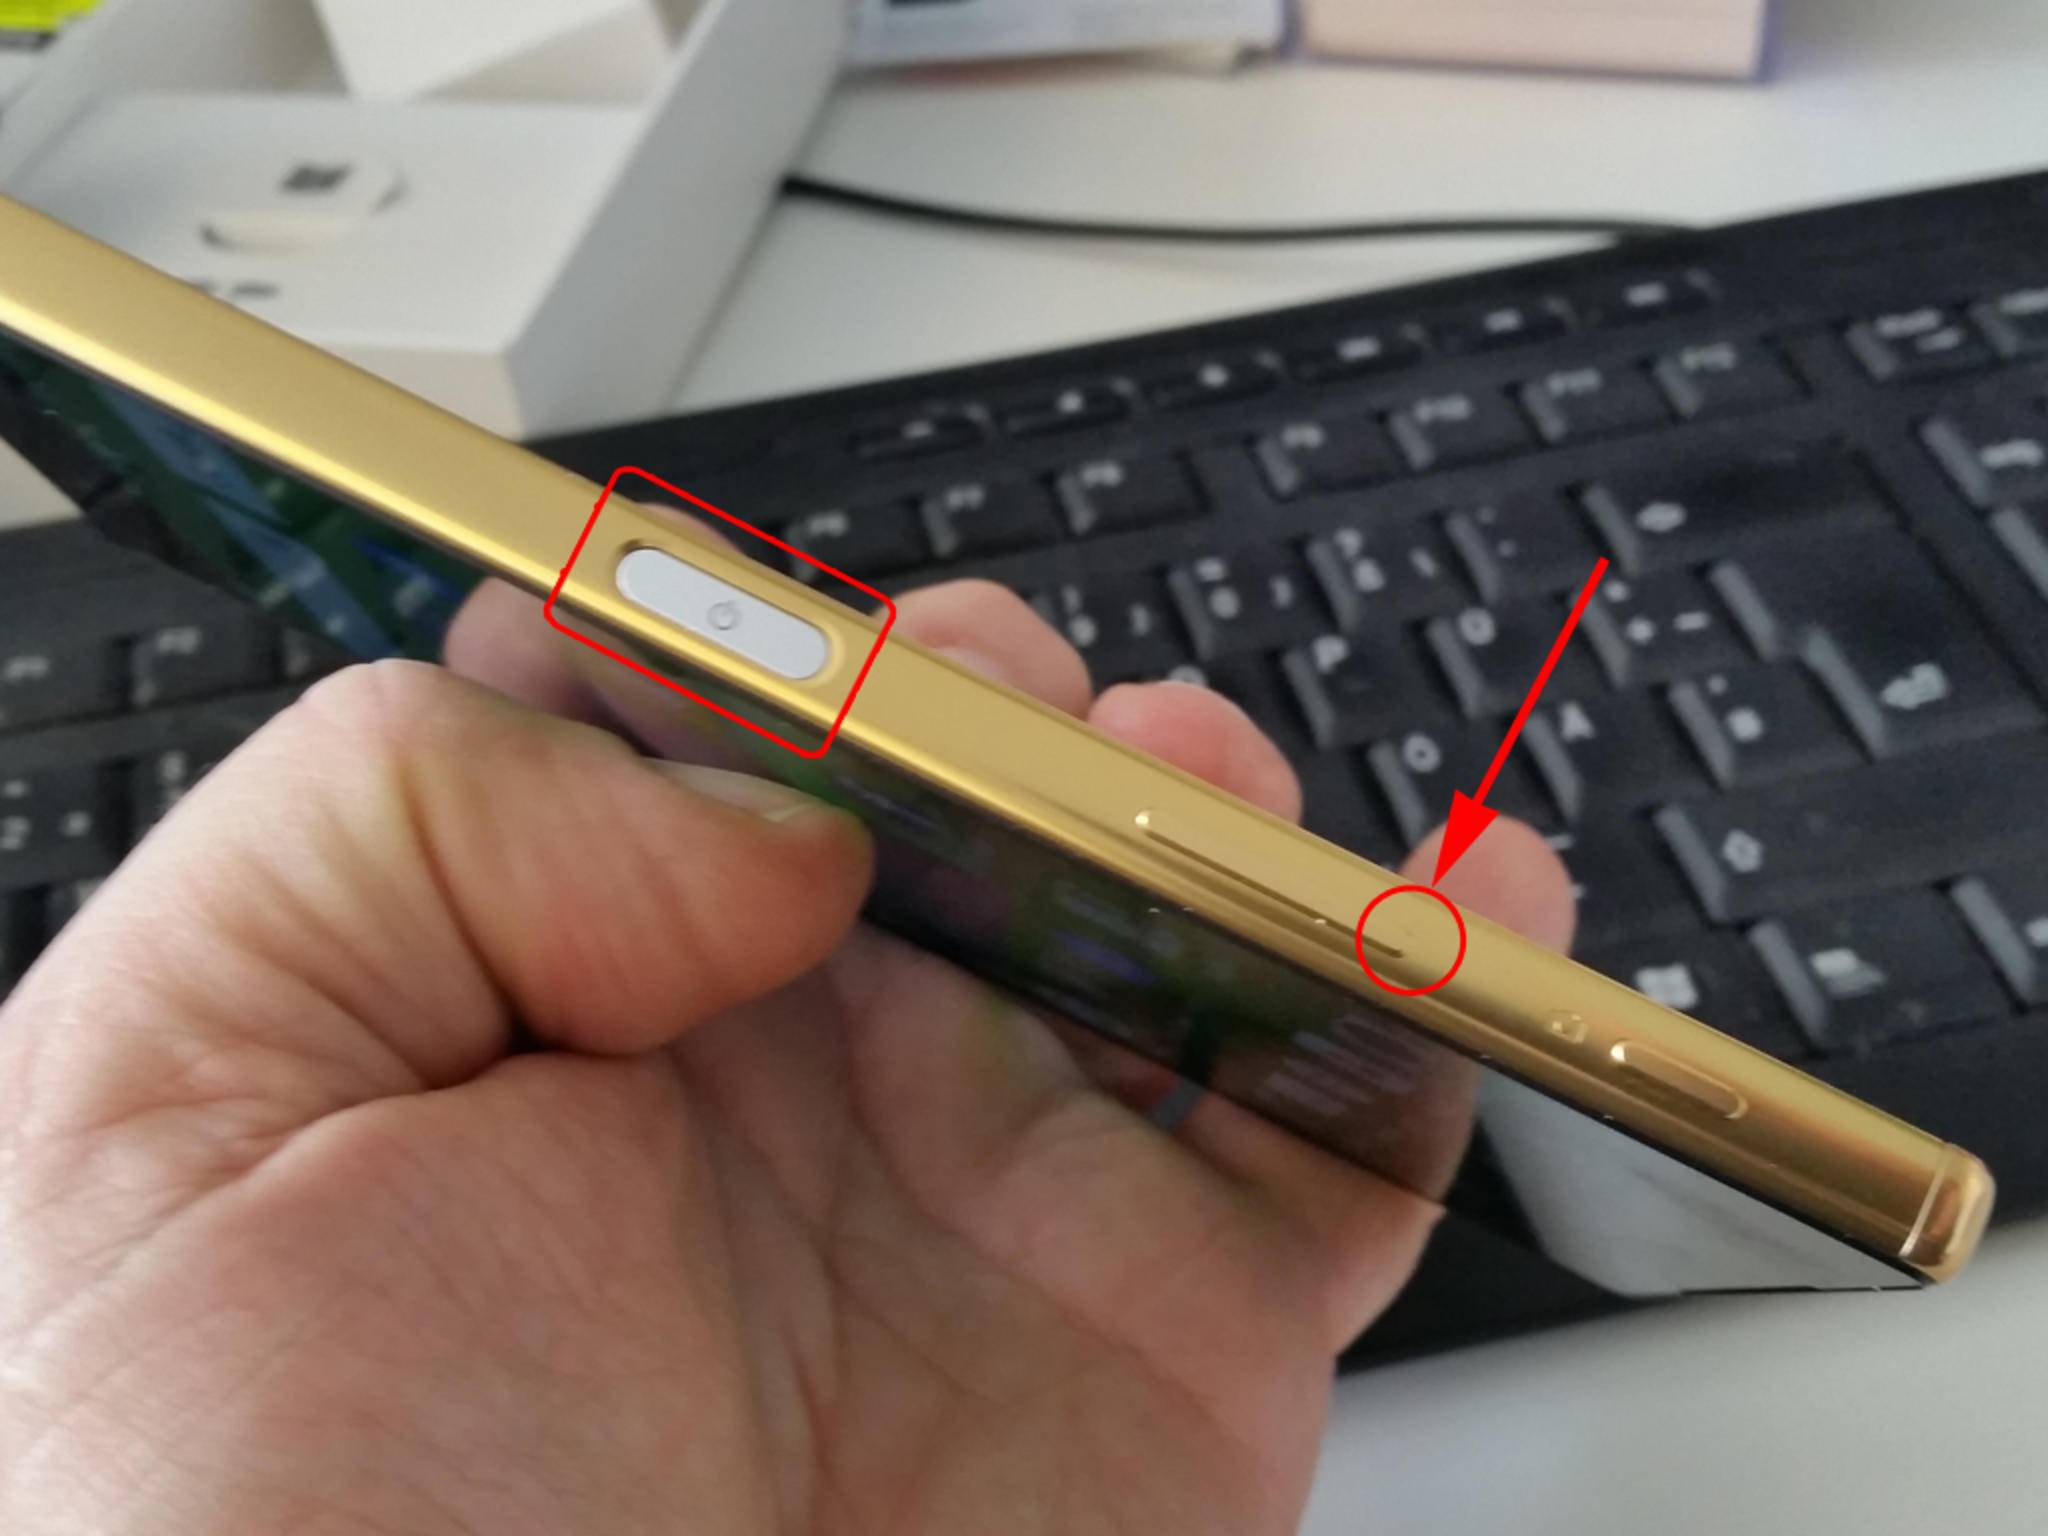 Bei manchen Smartphones musst Du auf den Einschaltknopf und die Leiser-Taste gleichzeitig drücken, ...